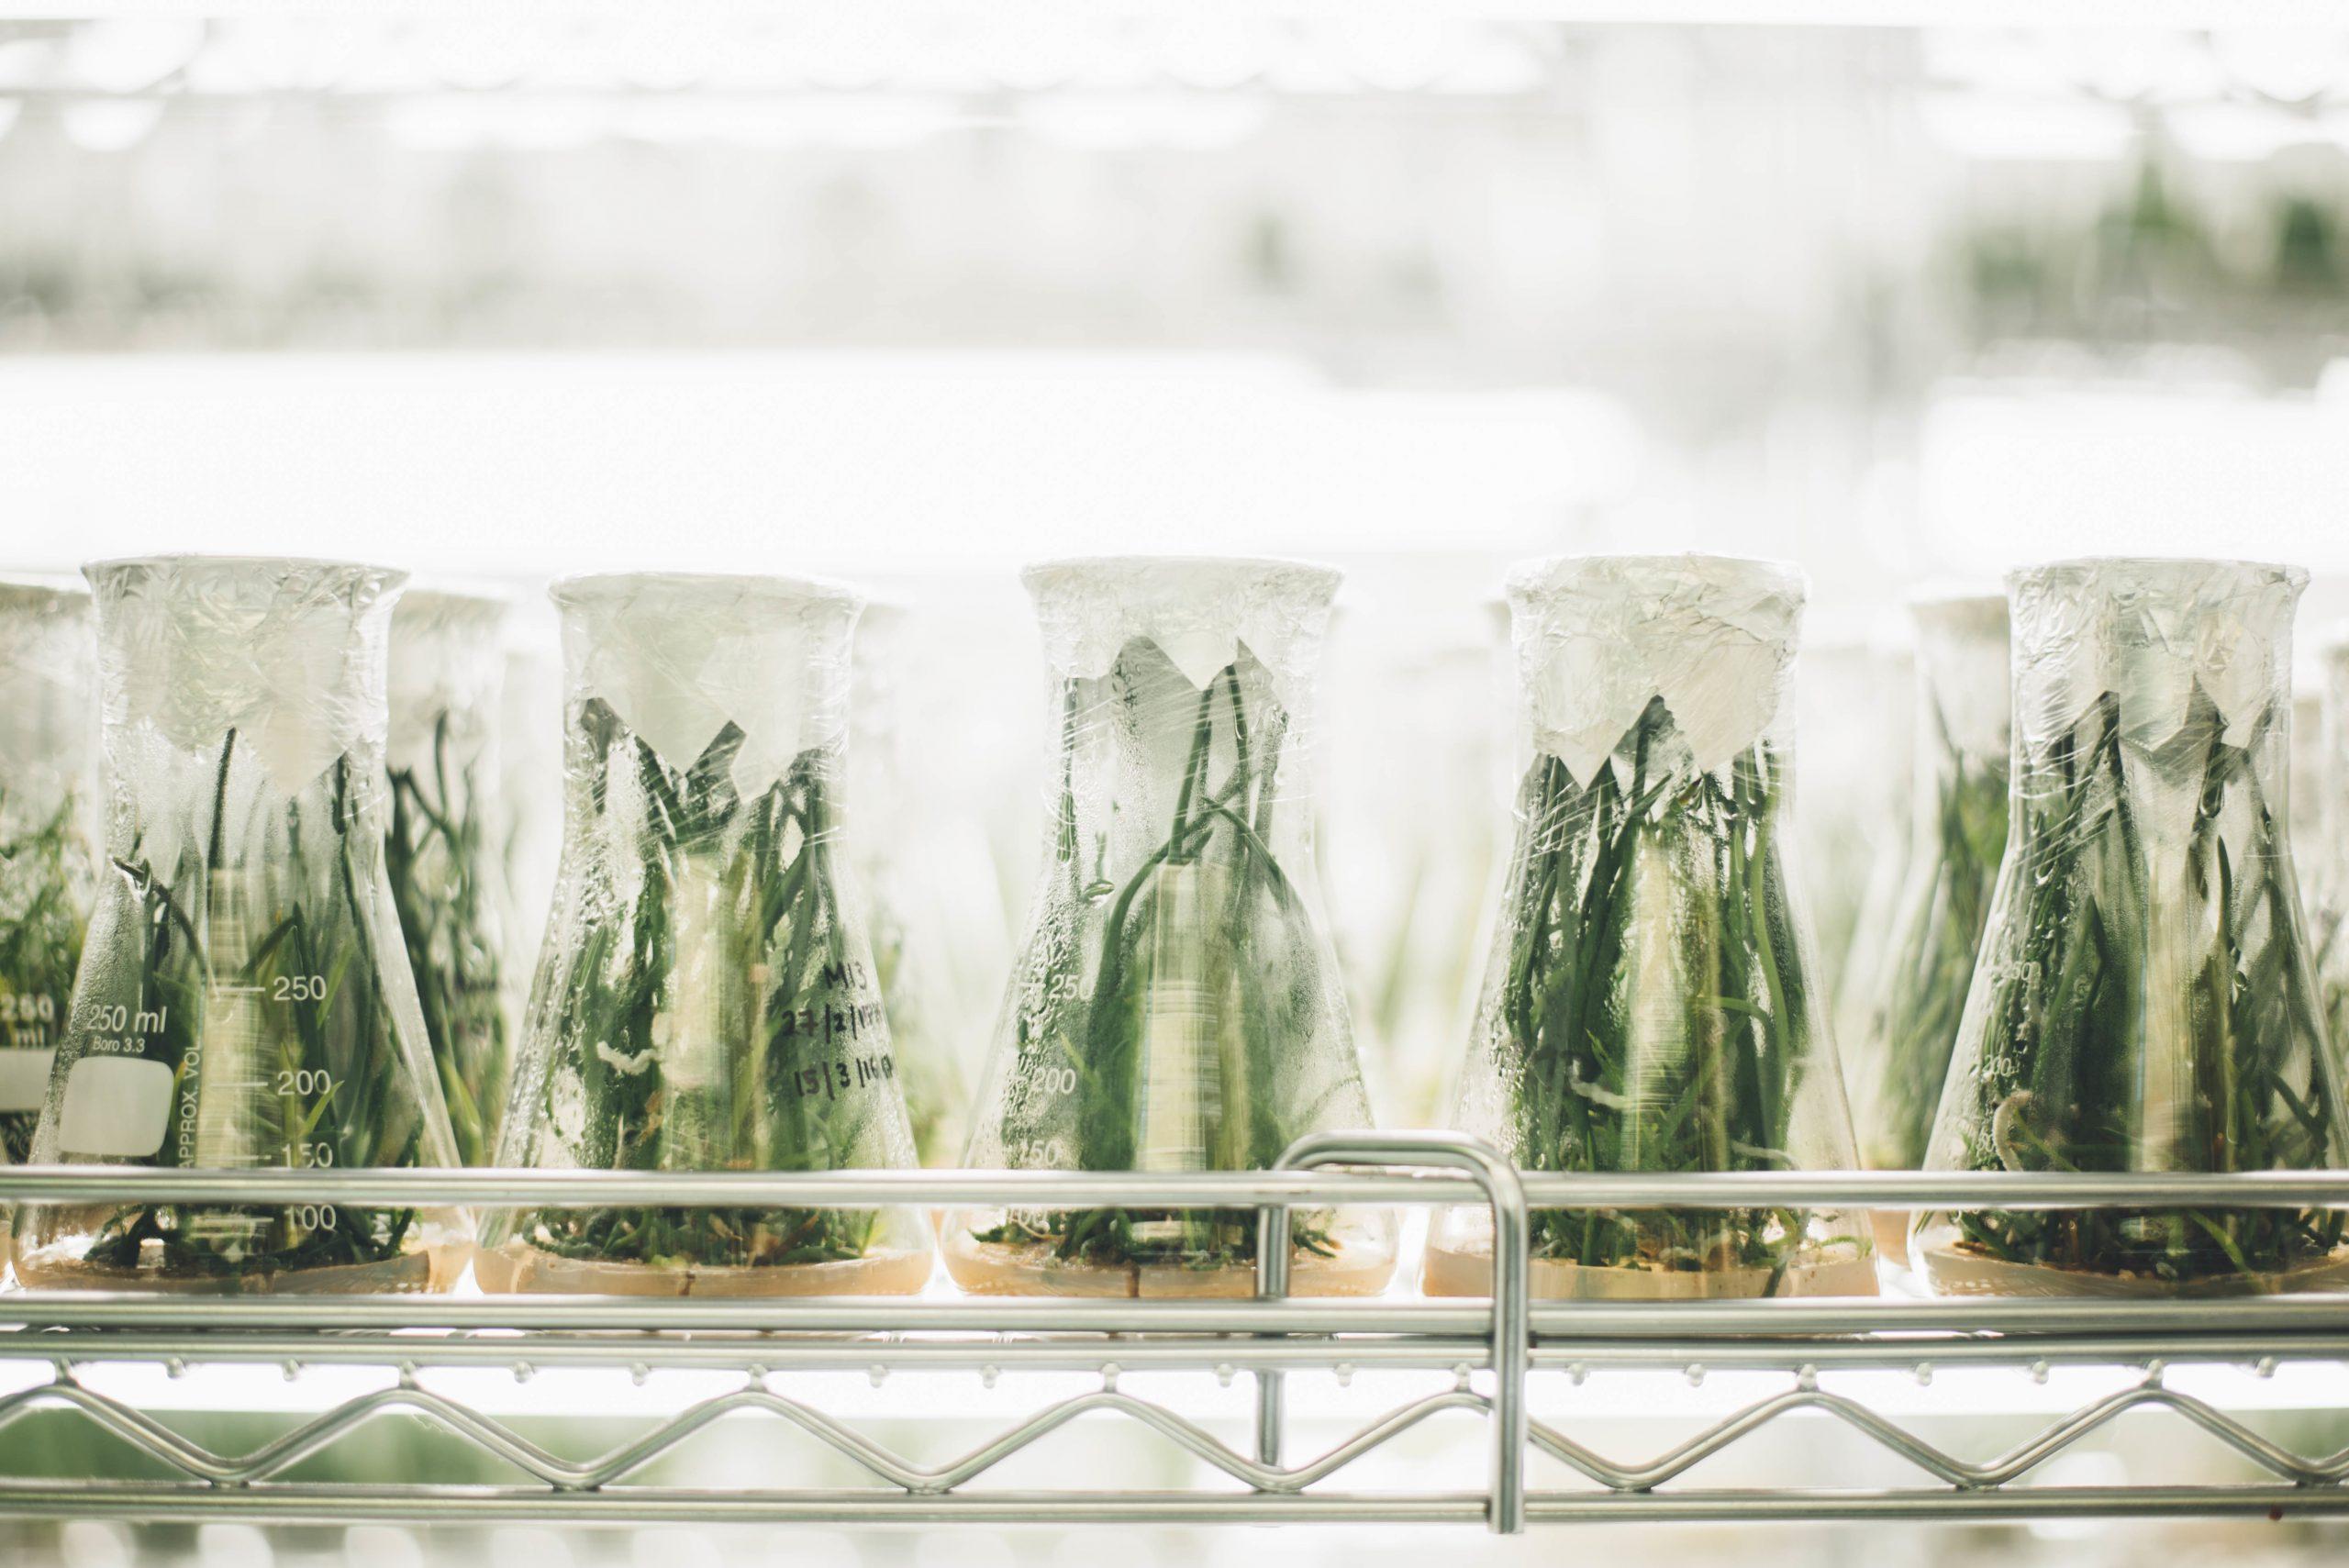 Quelle science à l'ère de l'anthropocène ?